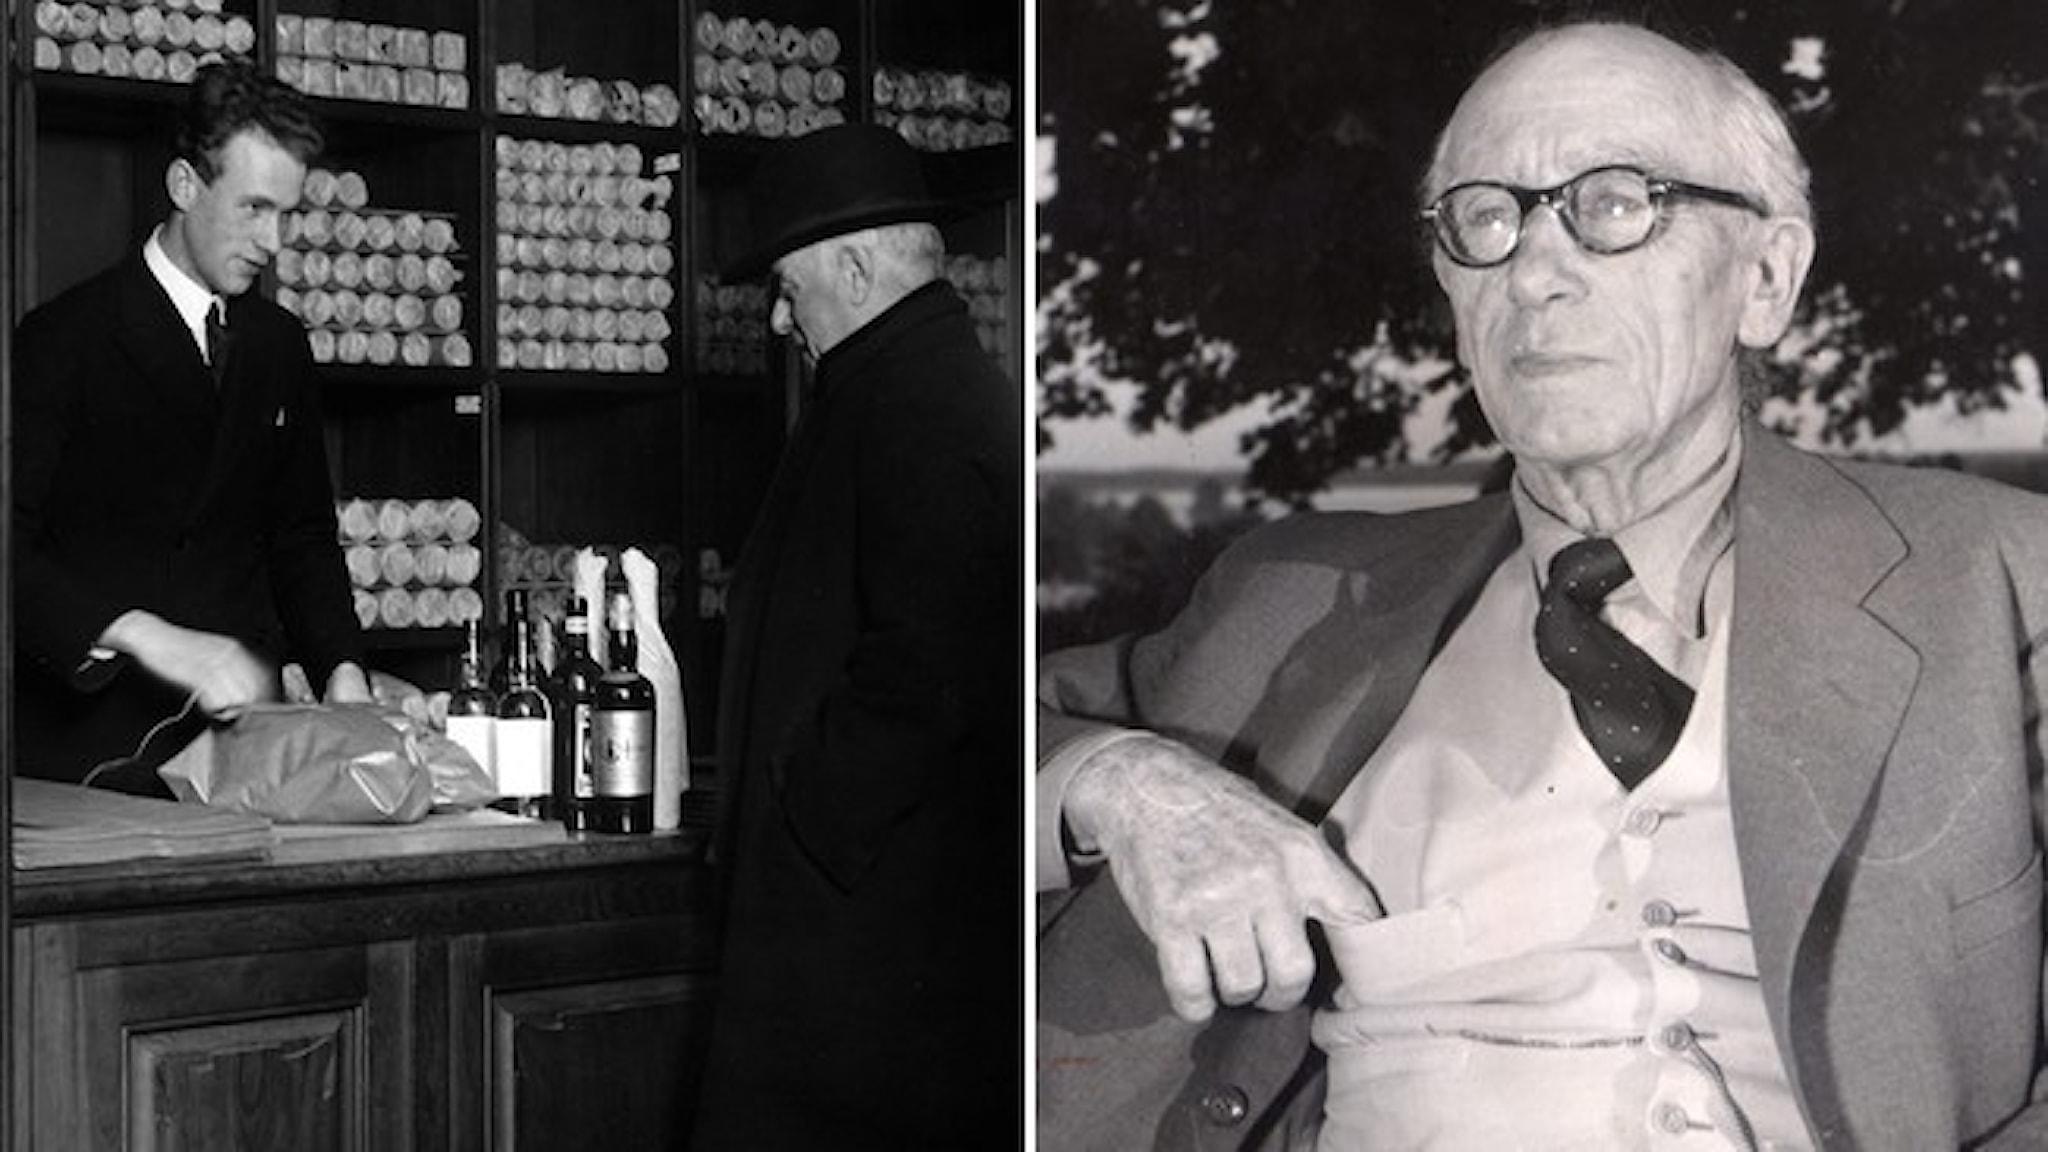 Manlig kund handlar i Systembutik i början av seklet. Läkaren, nykterhetskämpen och industrimannen Ivan Bratt i kostym med väst.